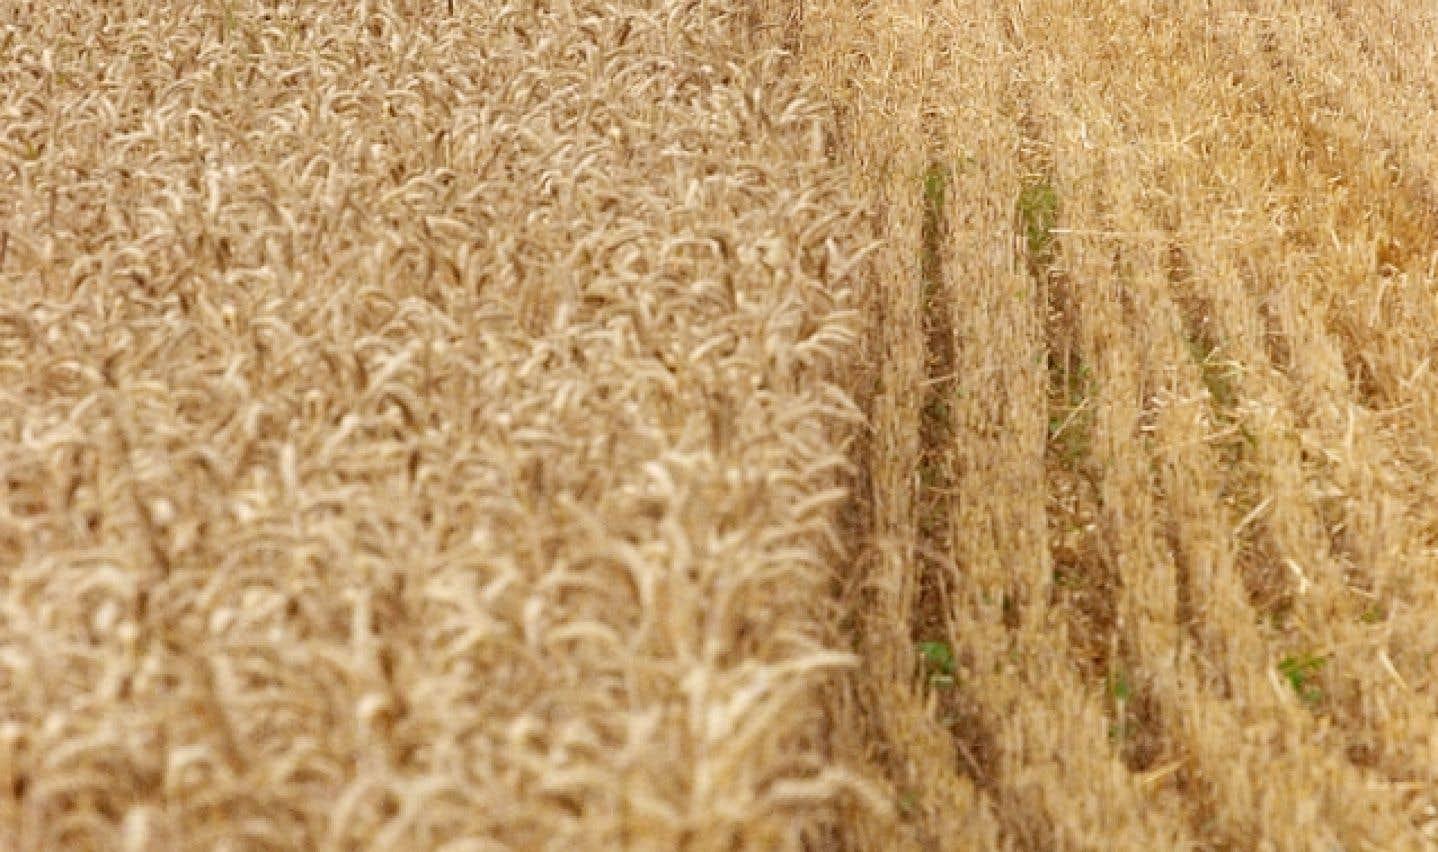 En France, 20 % des agriculteurs ont amorcé la transition de l'agriculture productiviste vers une agriculture écologiquement intensive.